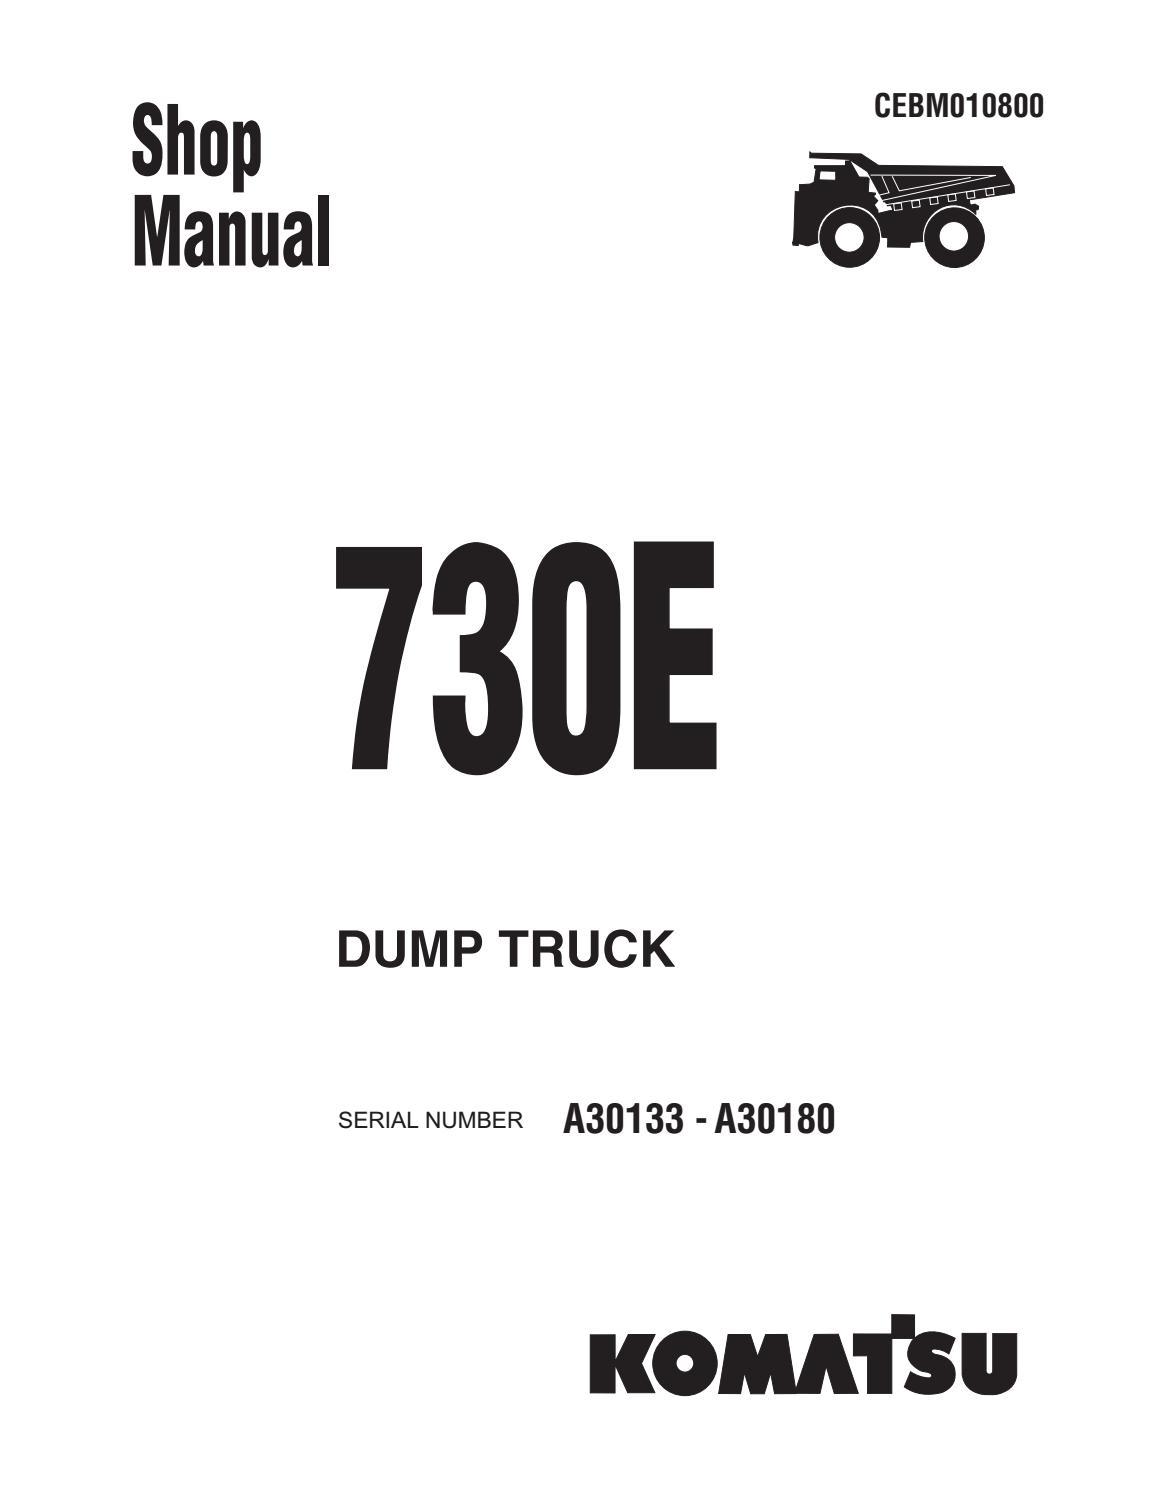 Detroit Diesel Engine 4 53 Repair Manual Pdf : Download